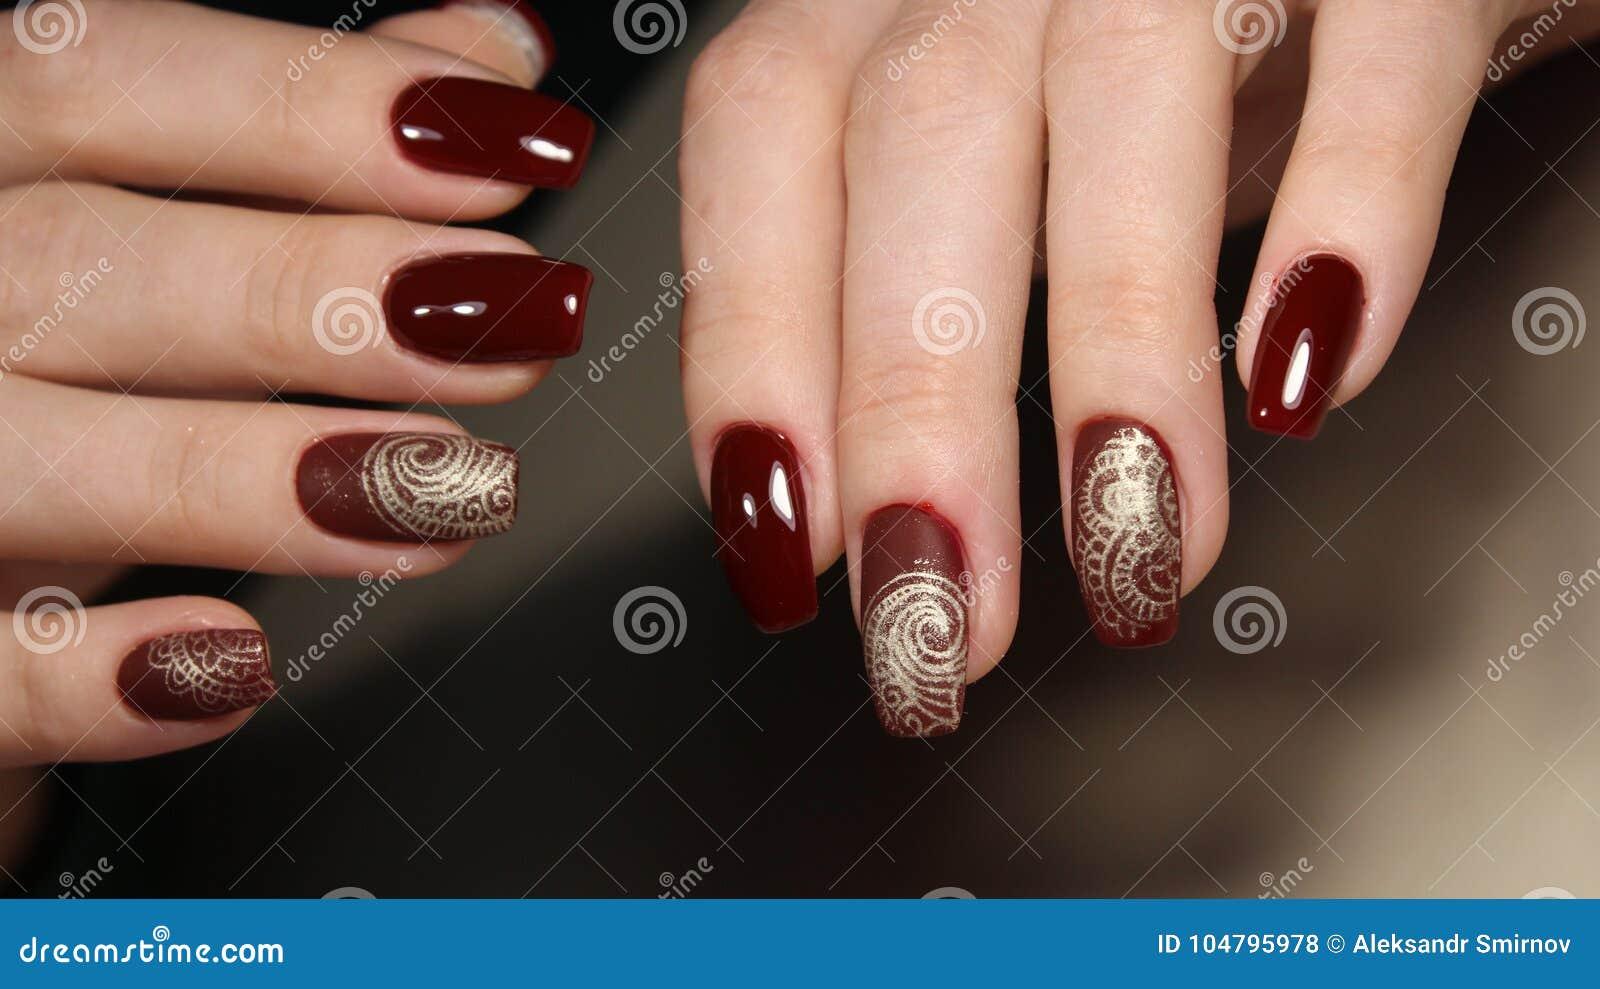 Faszinierend Moderne Nägel Das Beste Von Perfekte Maniküre Und Natürliche Nägel Attraktives Modernes